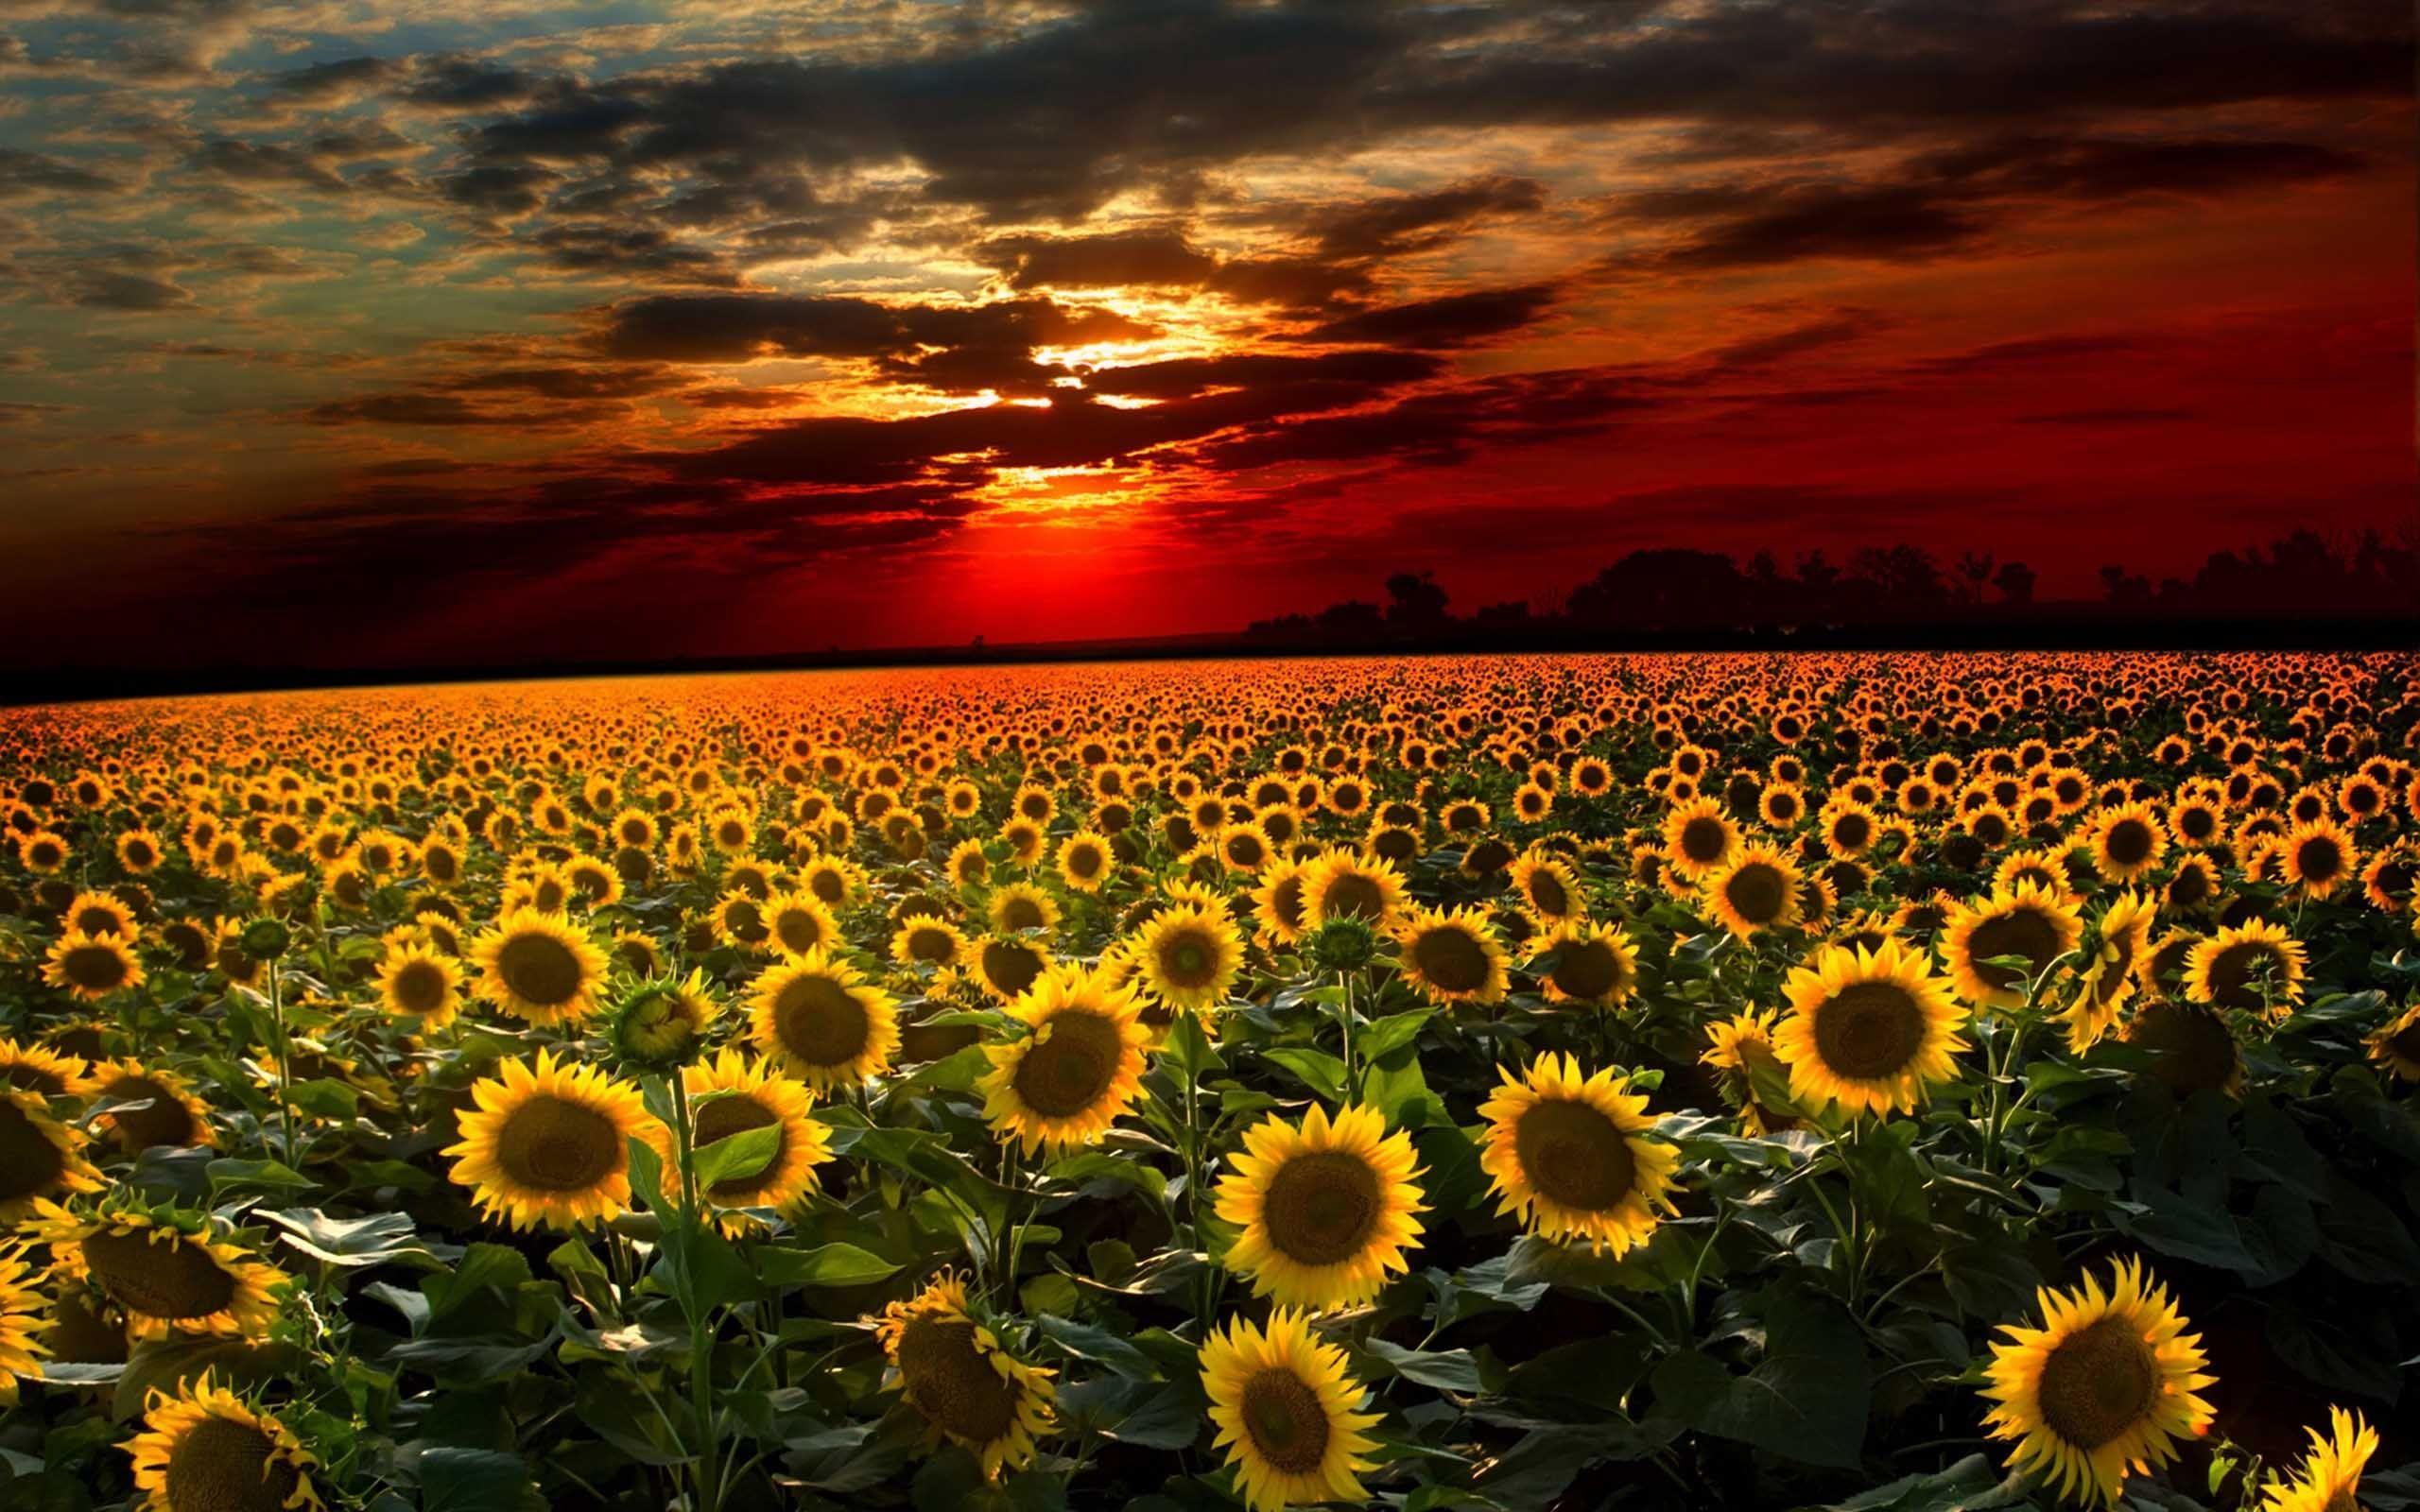 Flower Sunflowerhd Screensaver Download Wallpaper